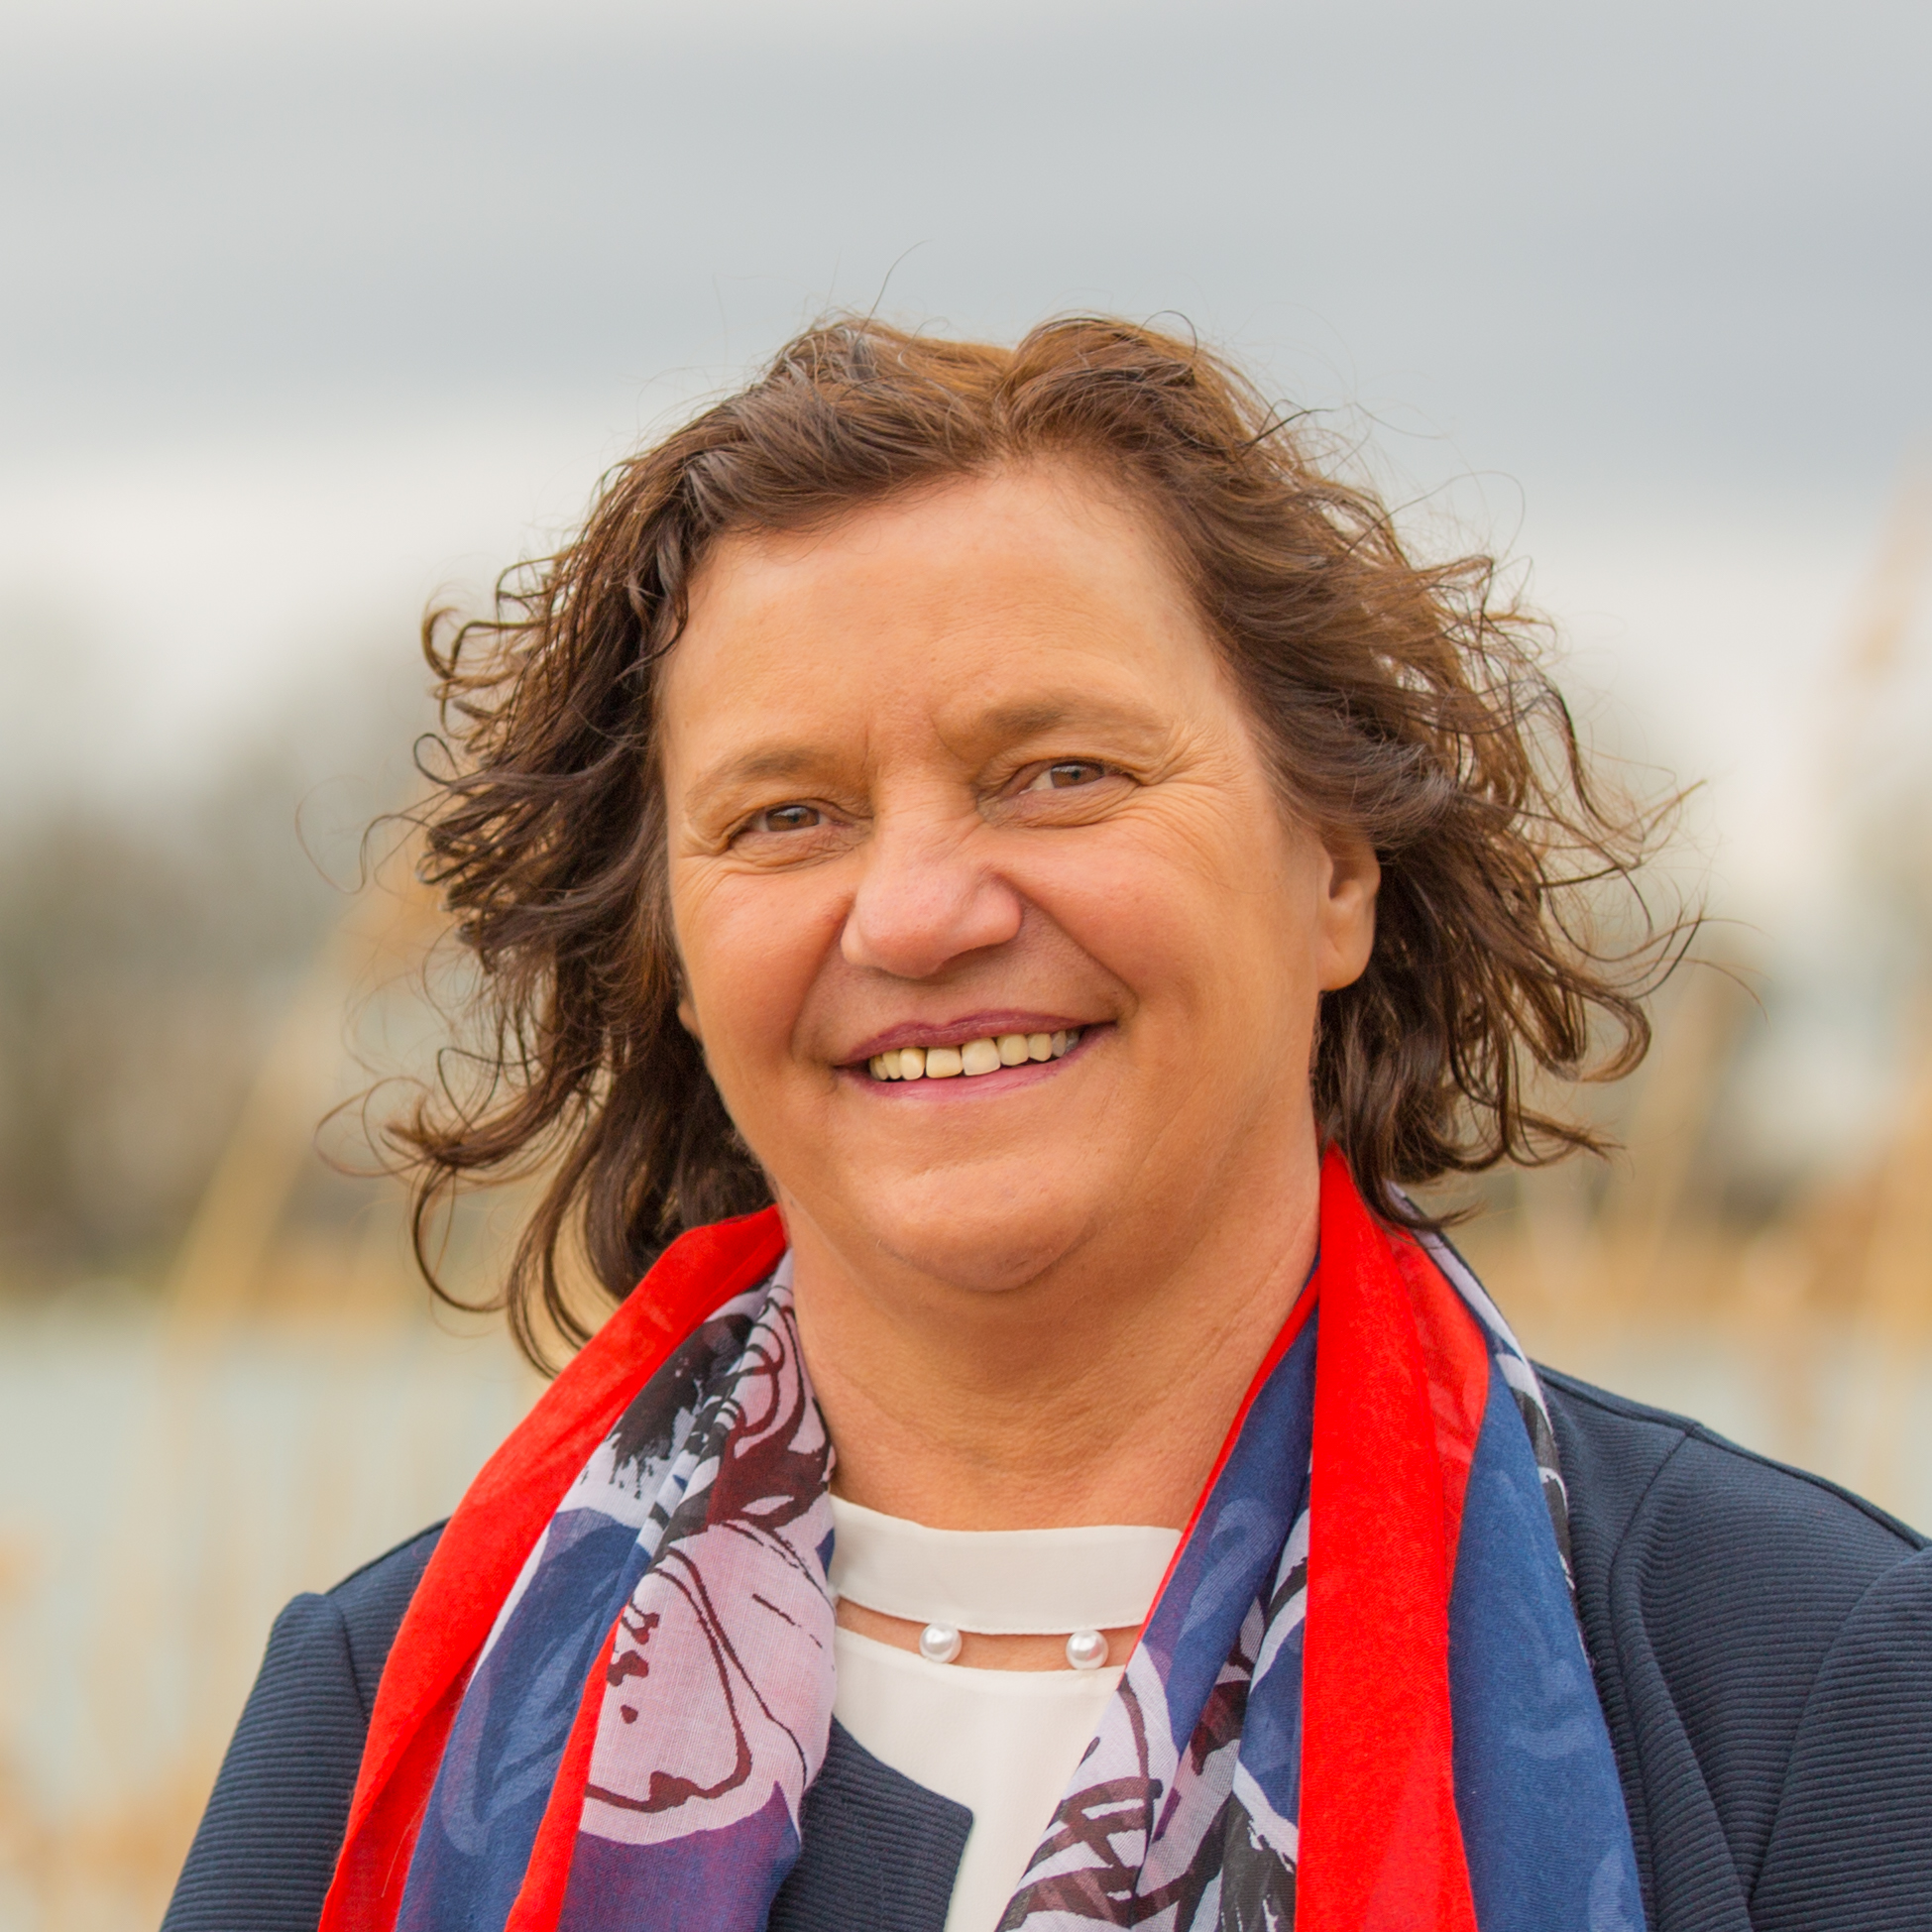 Ilona Volk